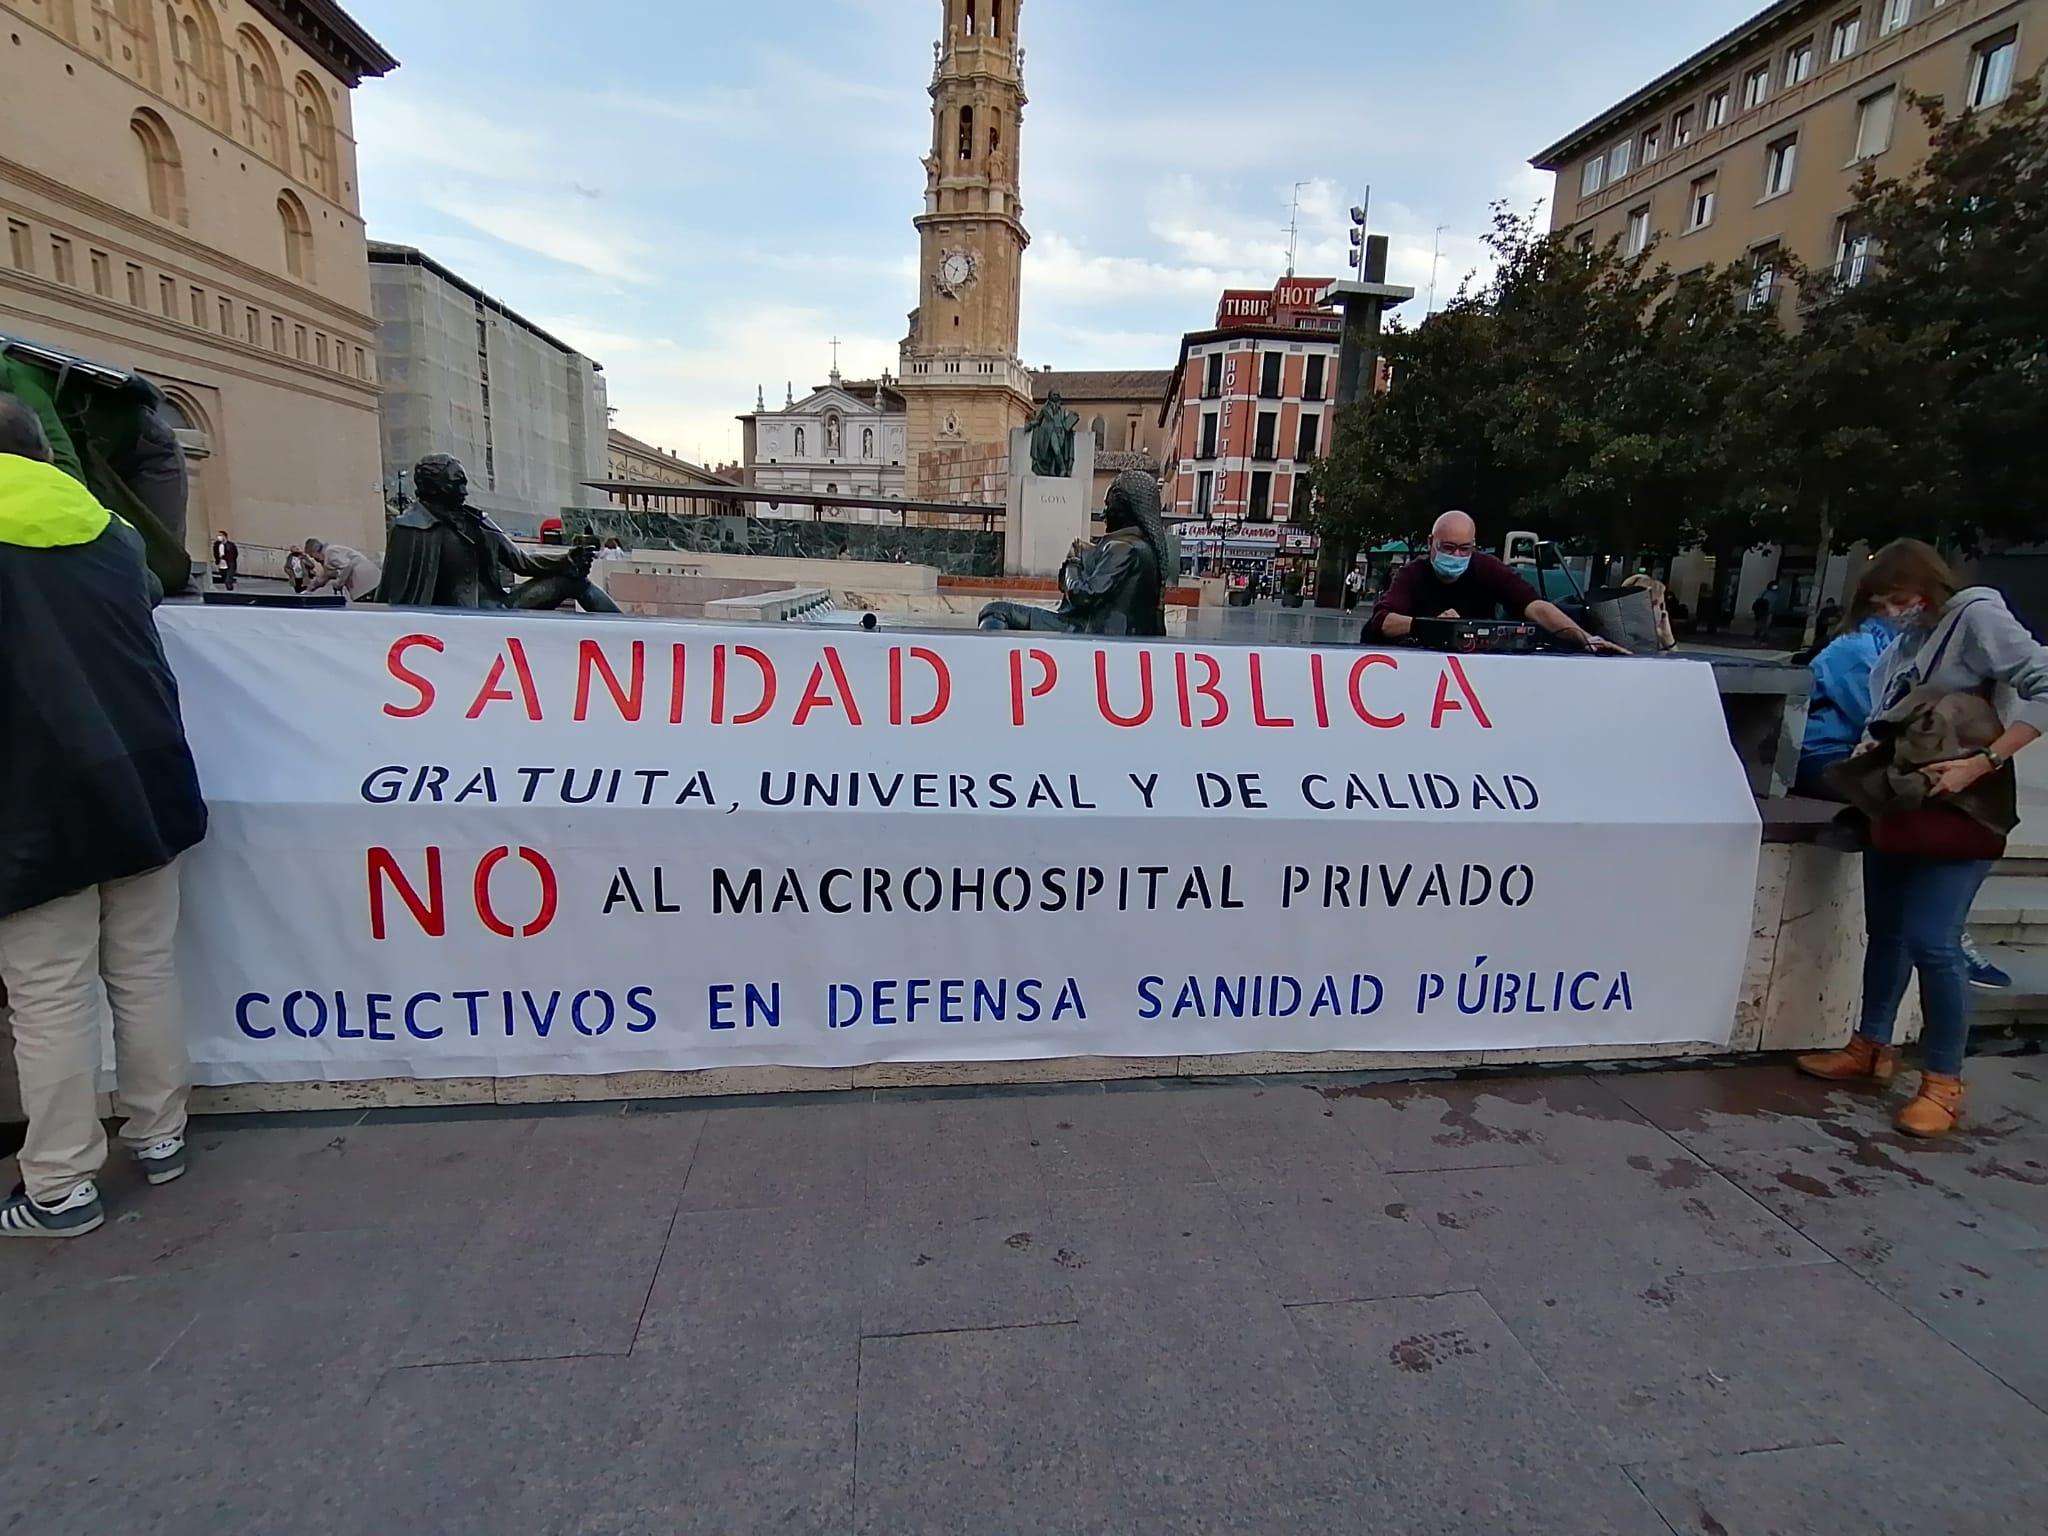 Zaragoza. 21 de Octubre.¡Por una sanidad totalmente pública!. Videos y fotos